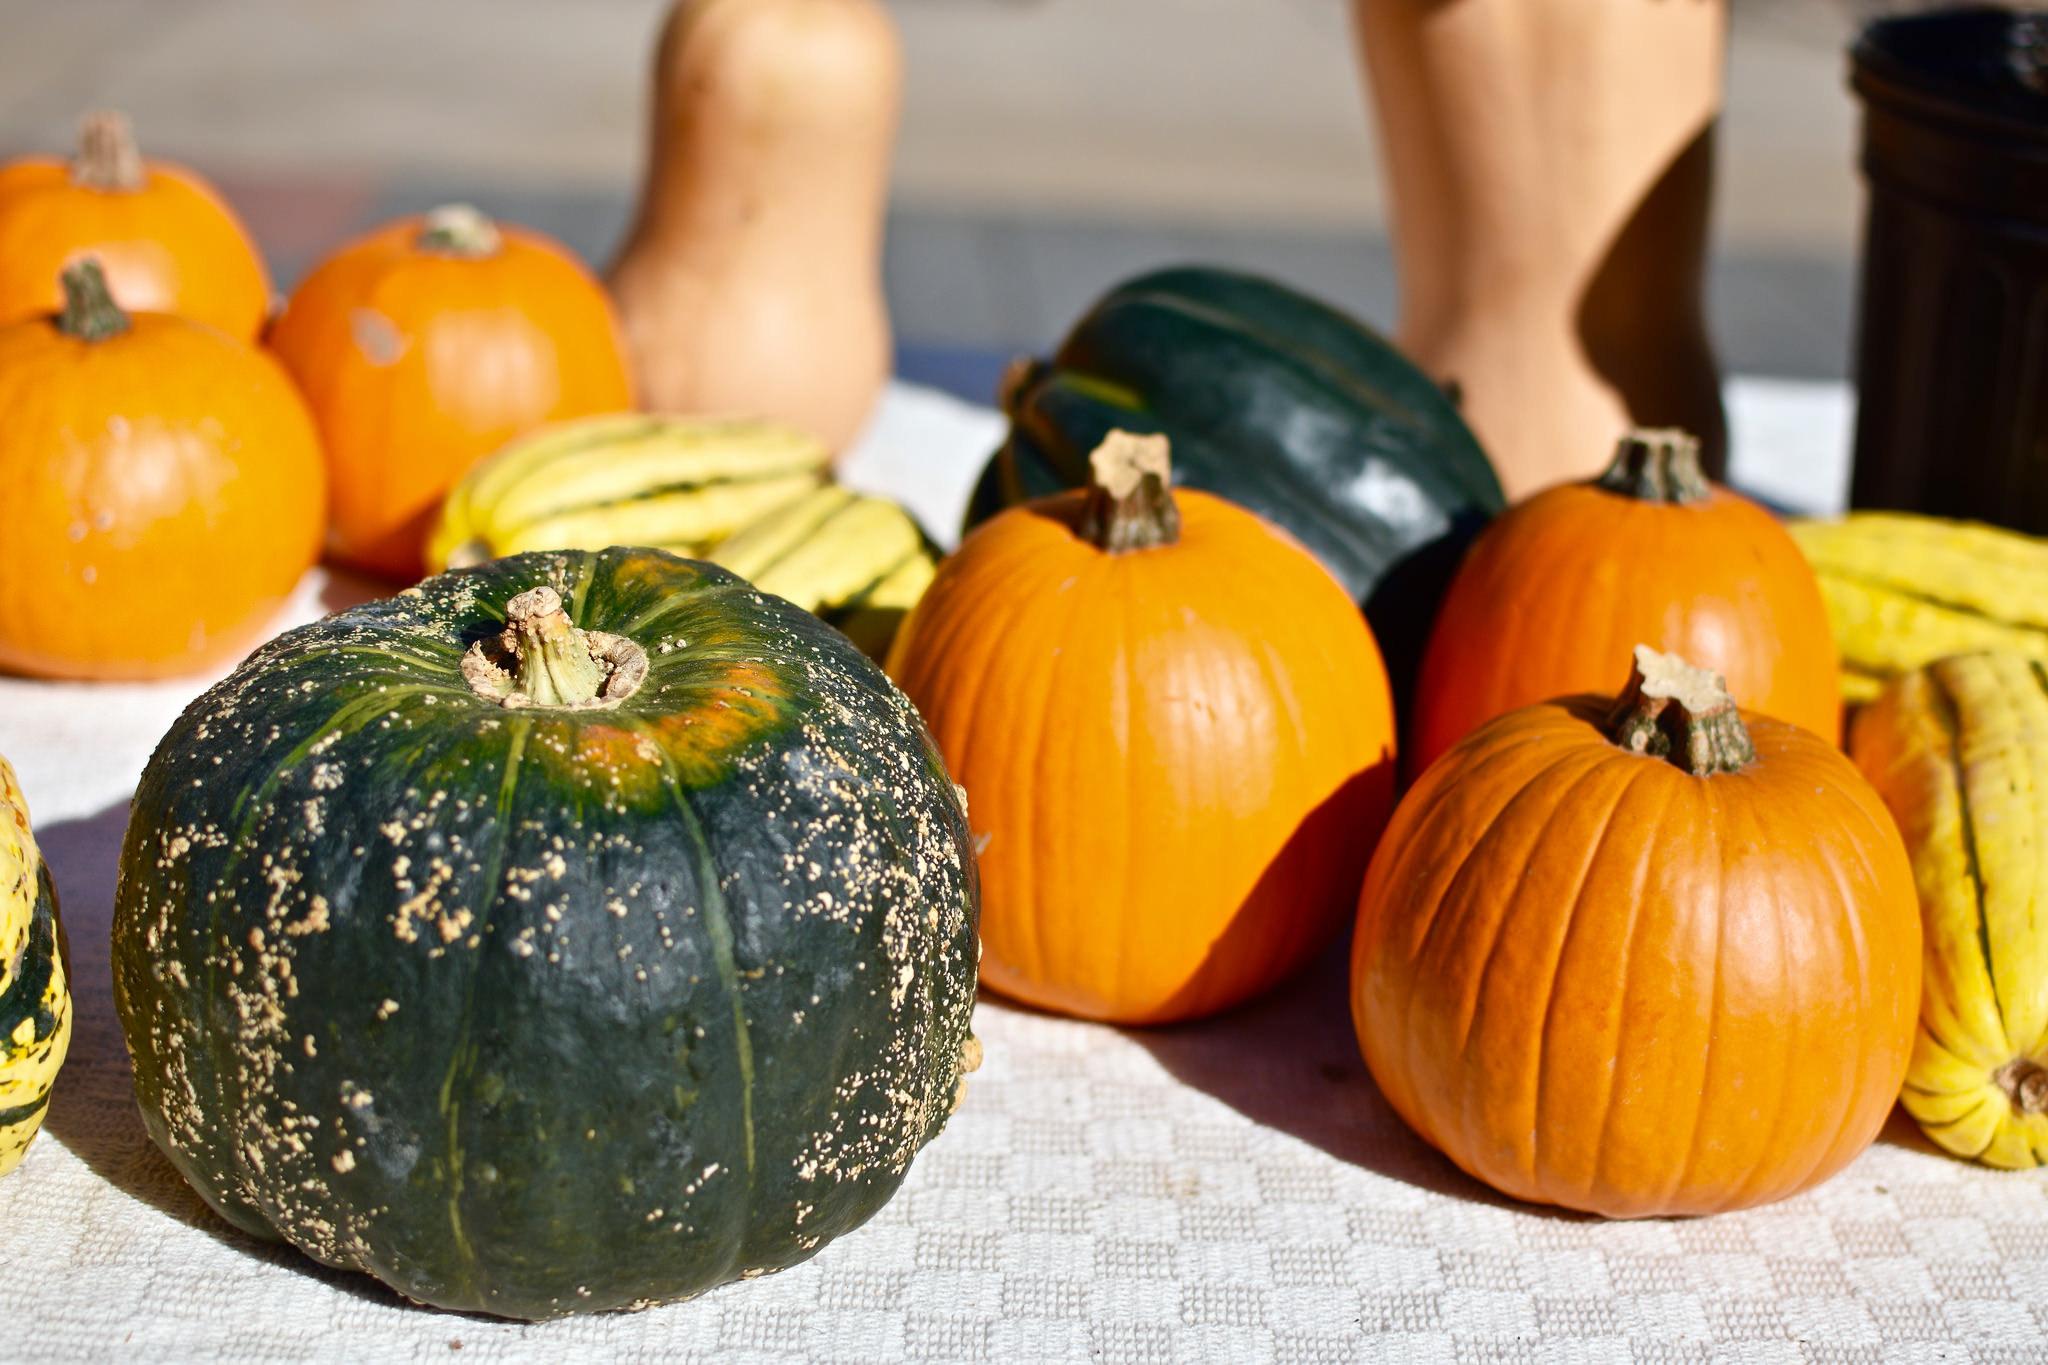 pumpkin_squash_outdoor-2.jpg#asset:3356